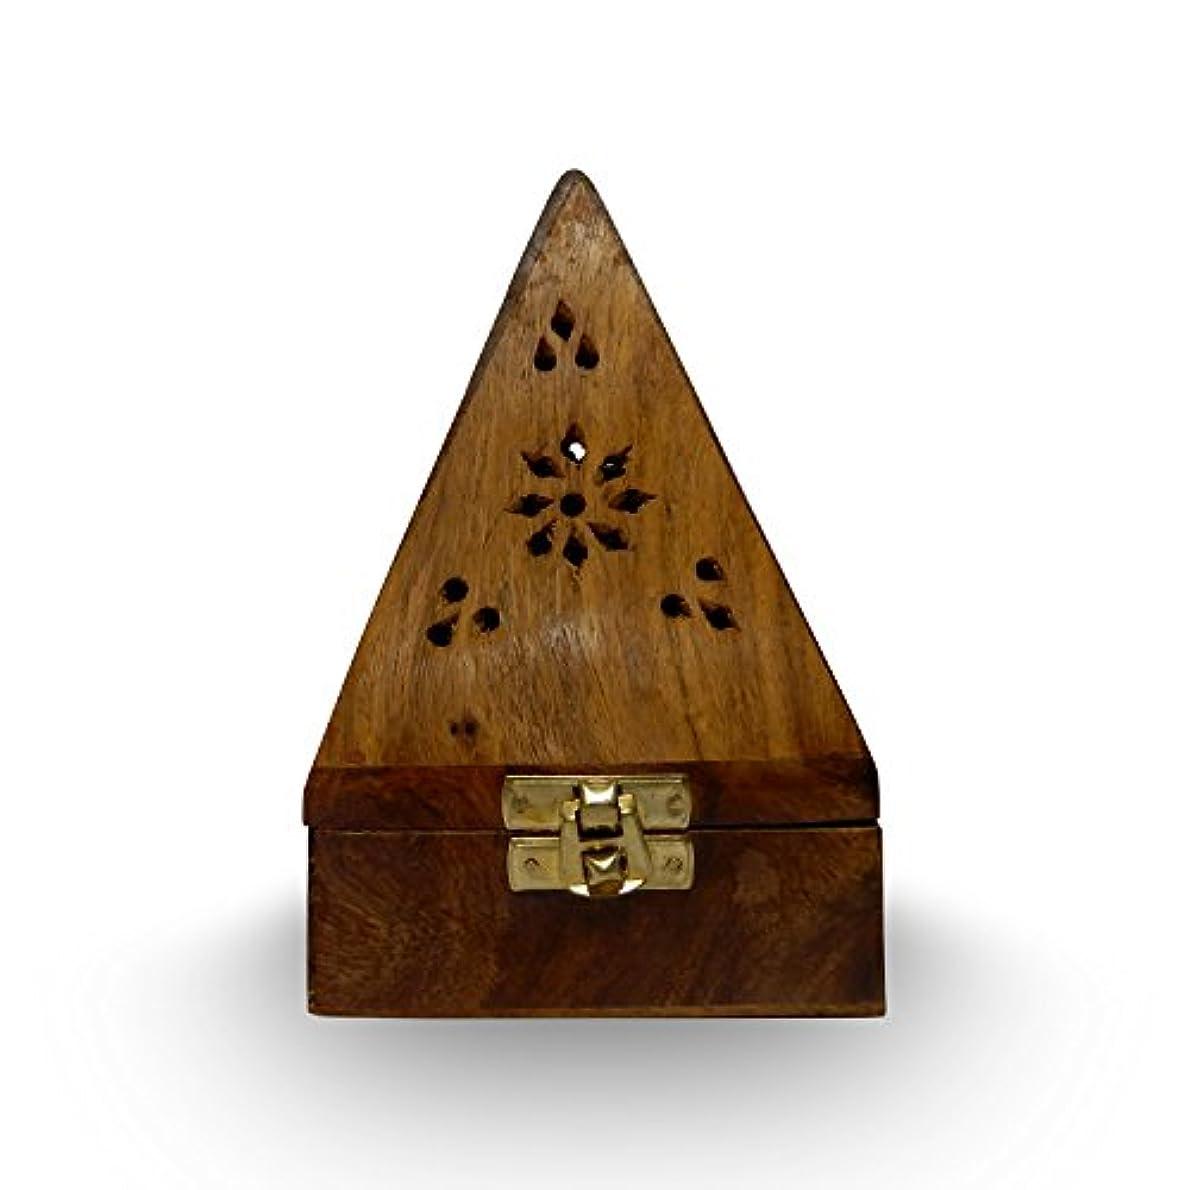 流ポルトガル語胚木製クラシックピラミッドスタイルBurner ( Dhoopホルダー) with Base正方形とトップ円錐形状、木製香炉ボックス